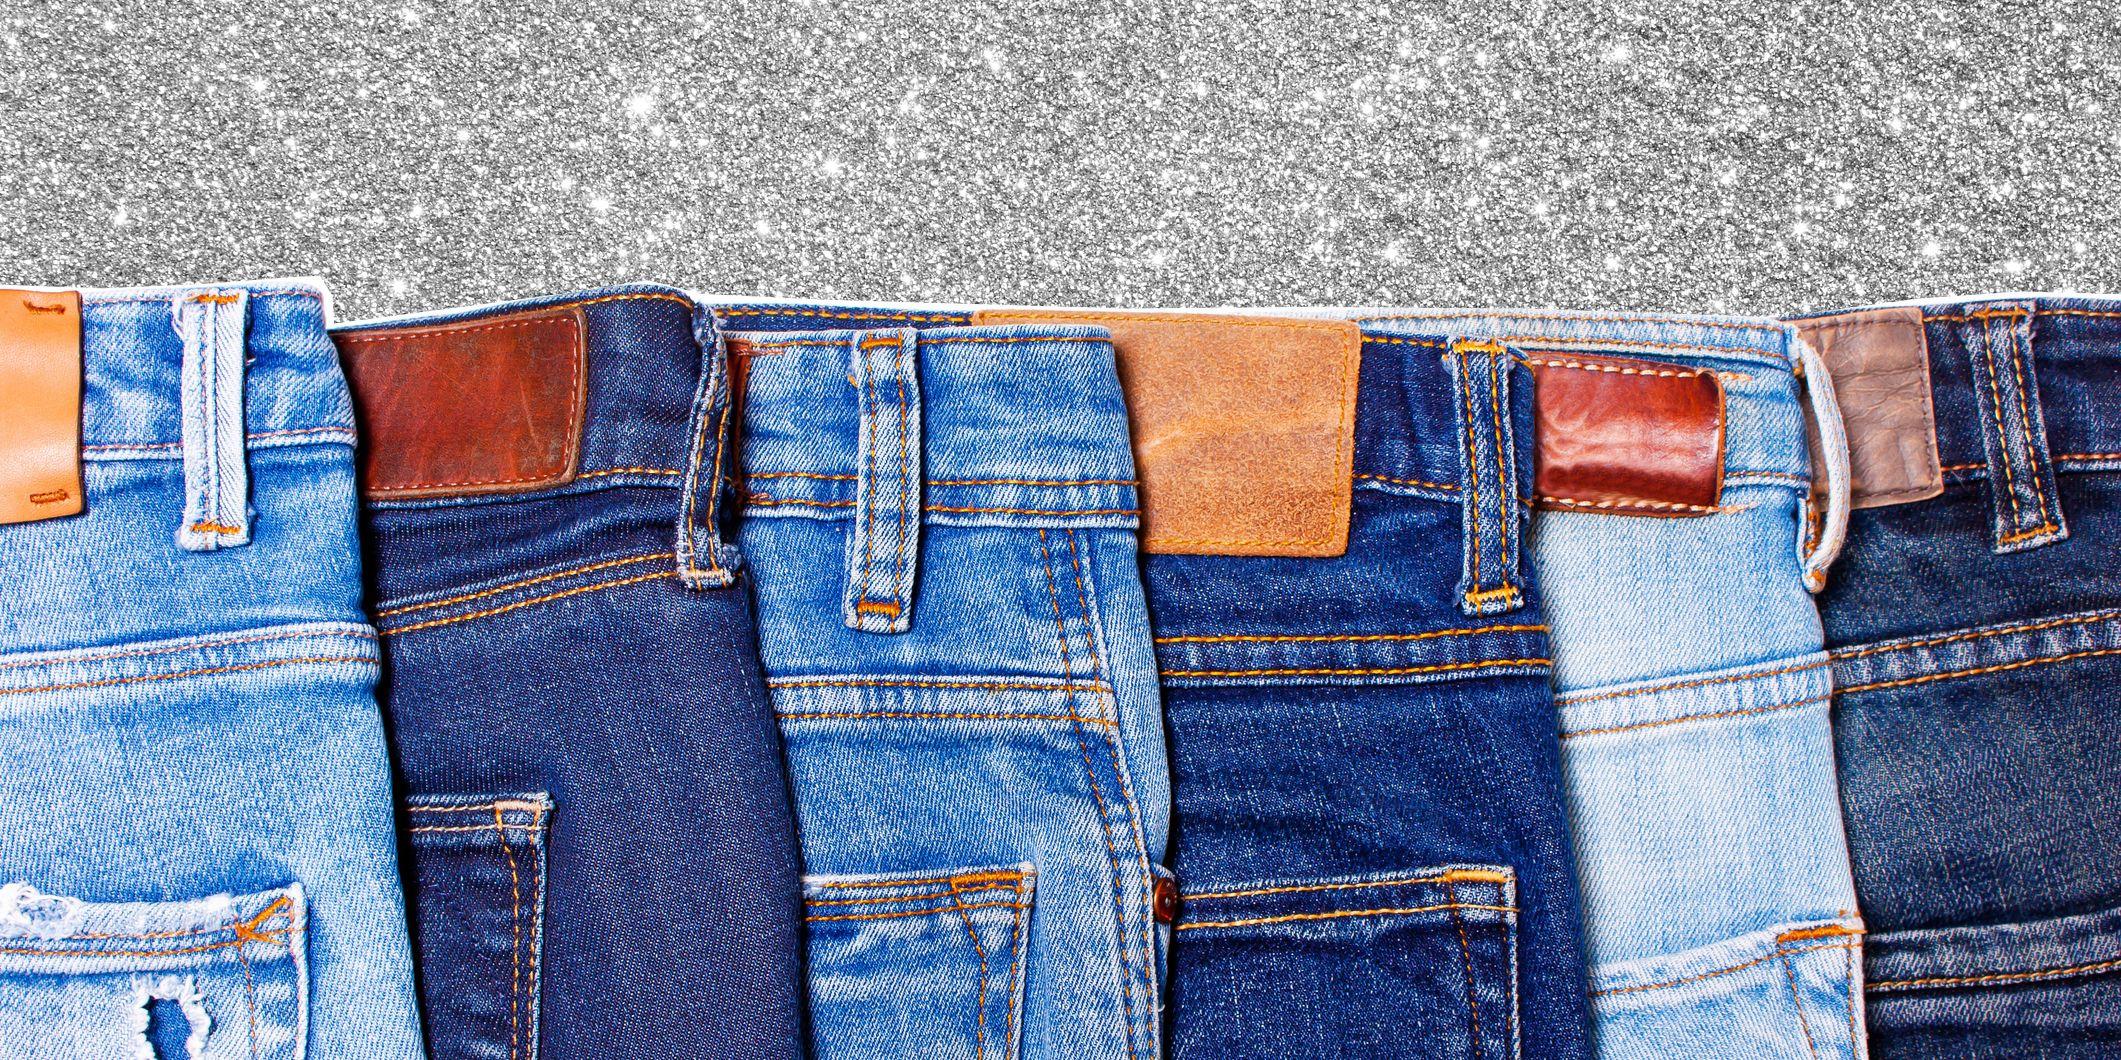 Sui tuoi jeans a cosa serve l'etichetta di pelle?